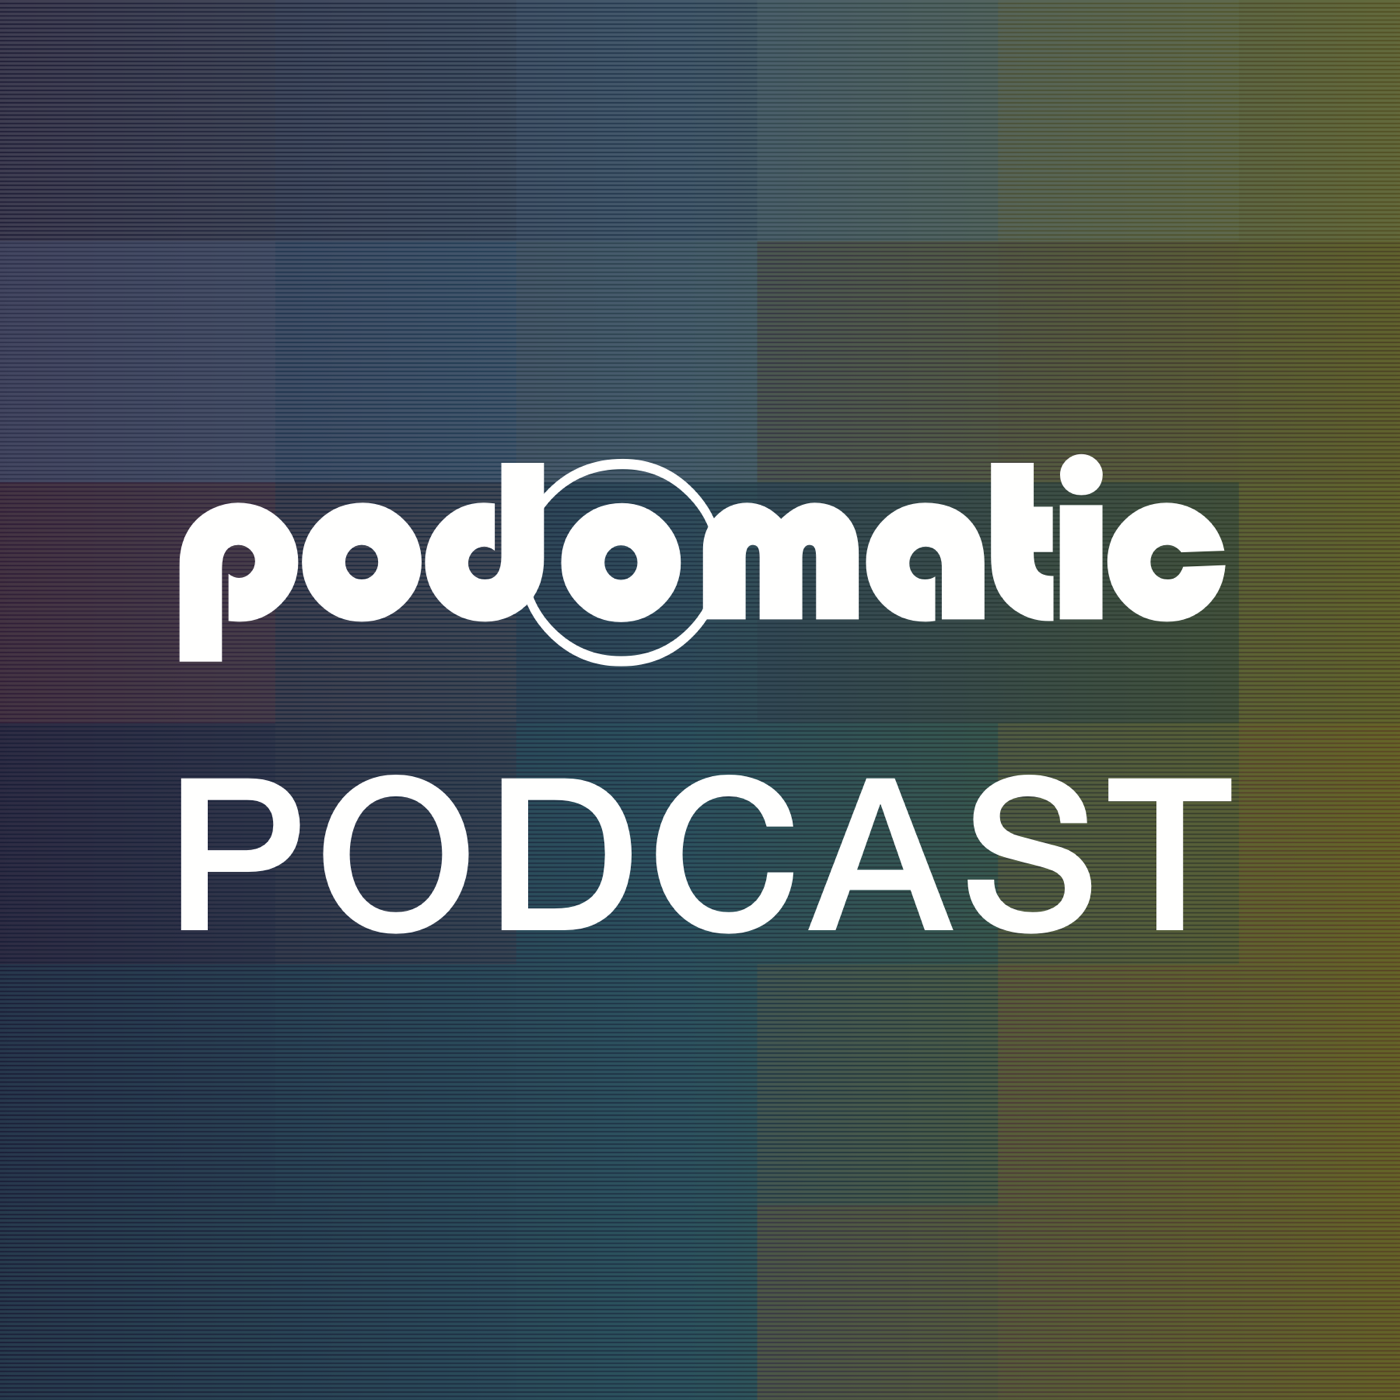 SplitScreenersPodcast's Podcast